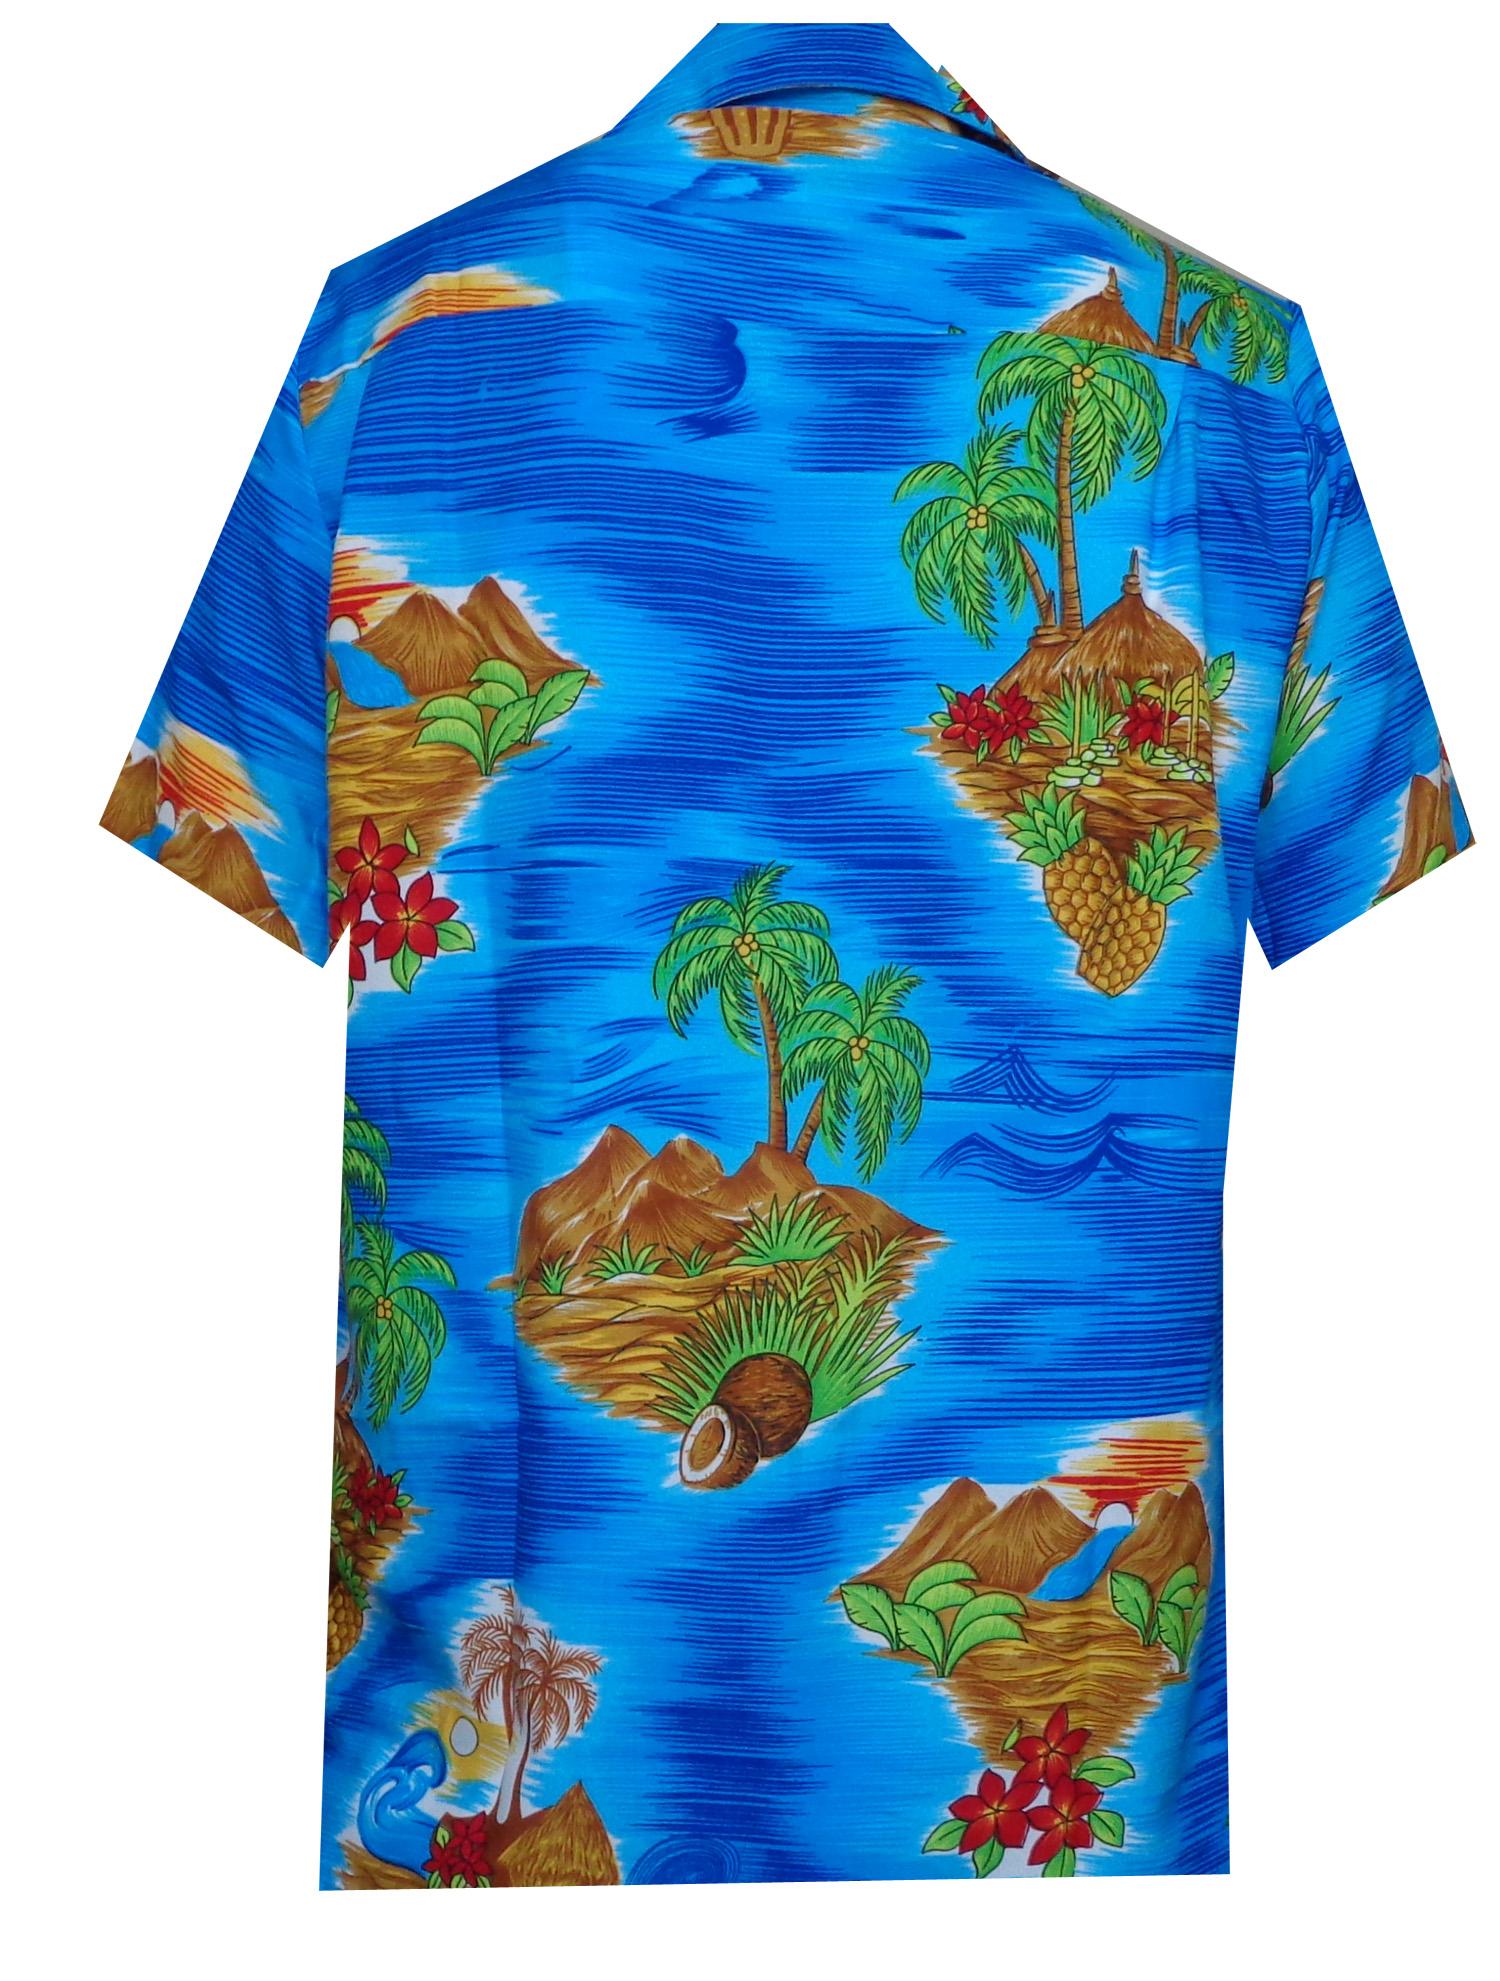 Hawaiian-Shirt-Mens-Scenic-Flower-Print-Beach-Aloha-Party-Holiday-Camp thumbnail 5